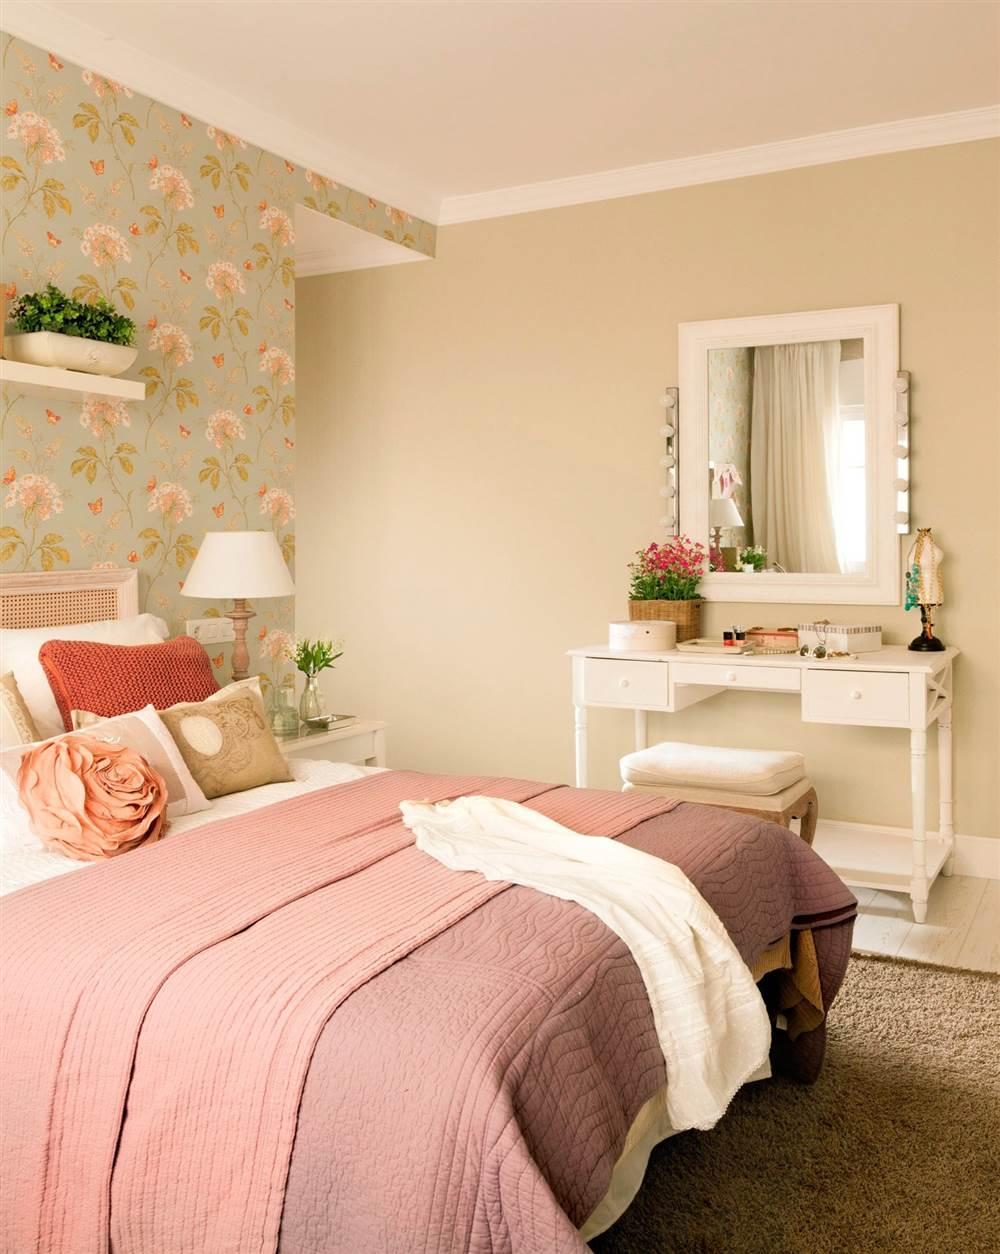 C mo distribuir el dormitorio para ganar espacio y dormir - Dormitorio verde ...